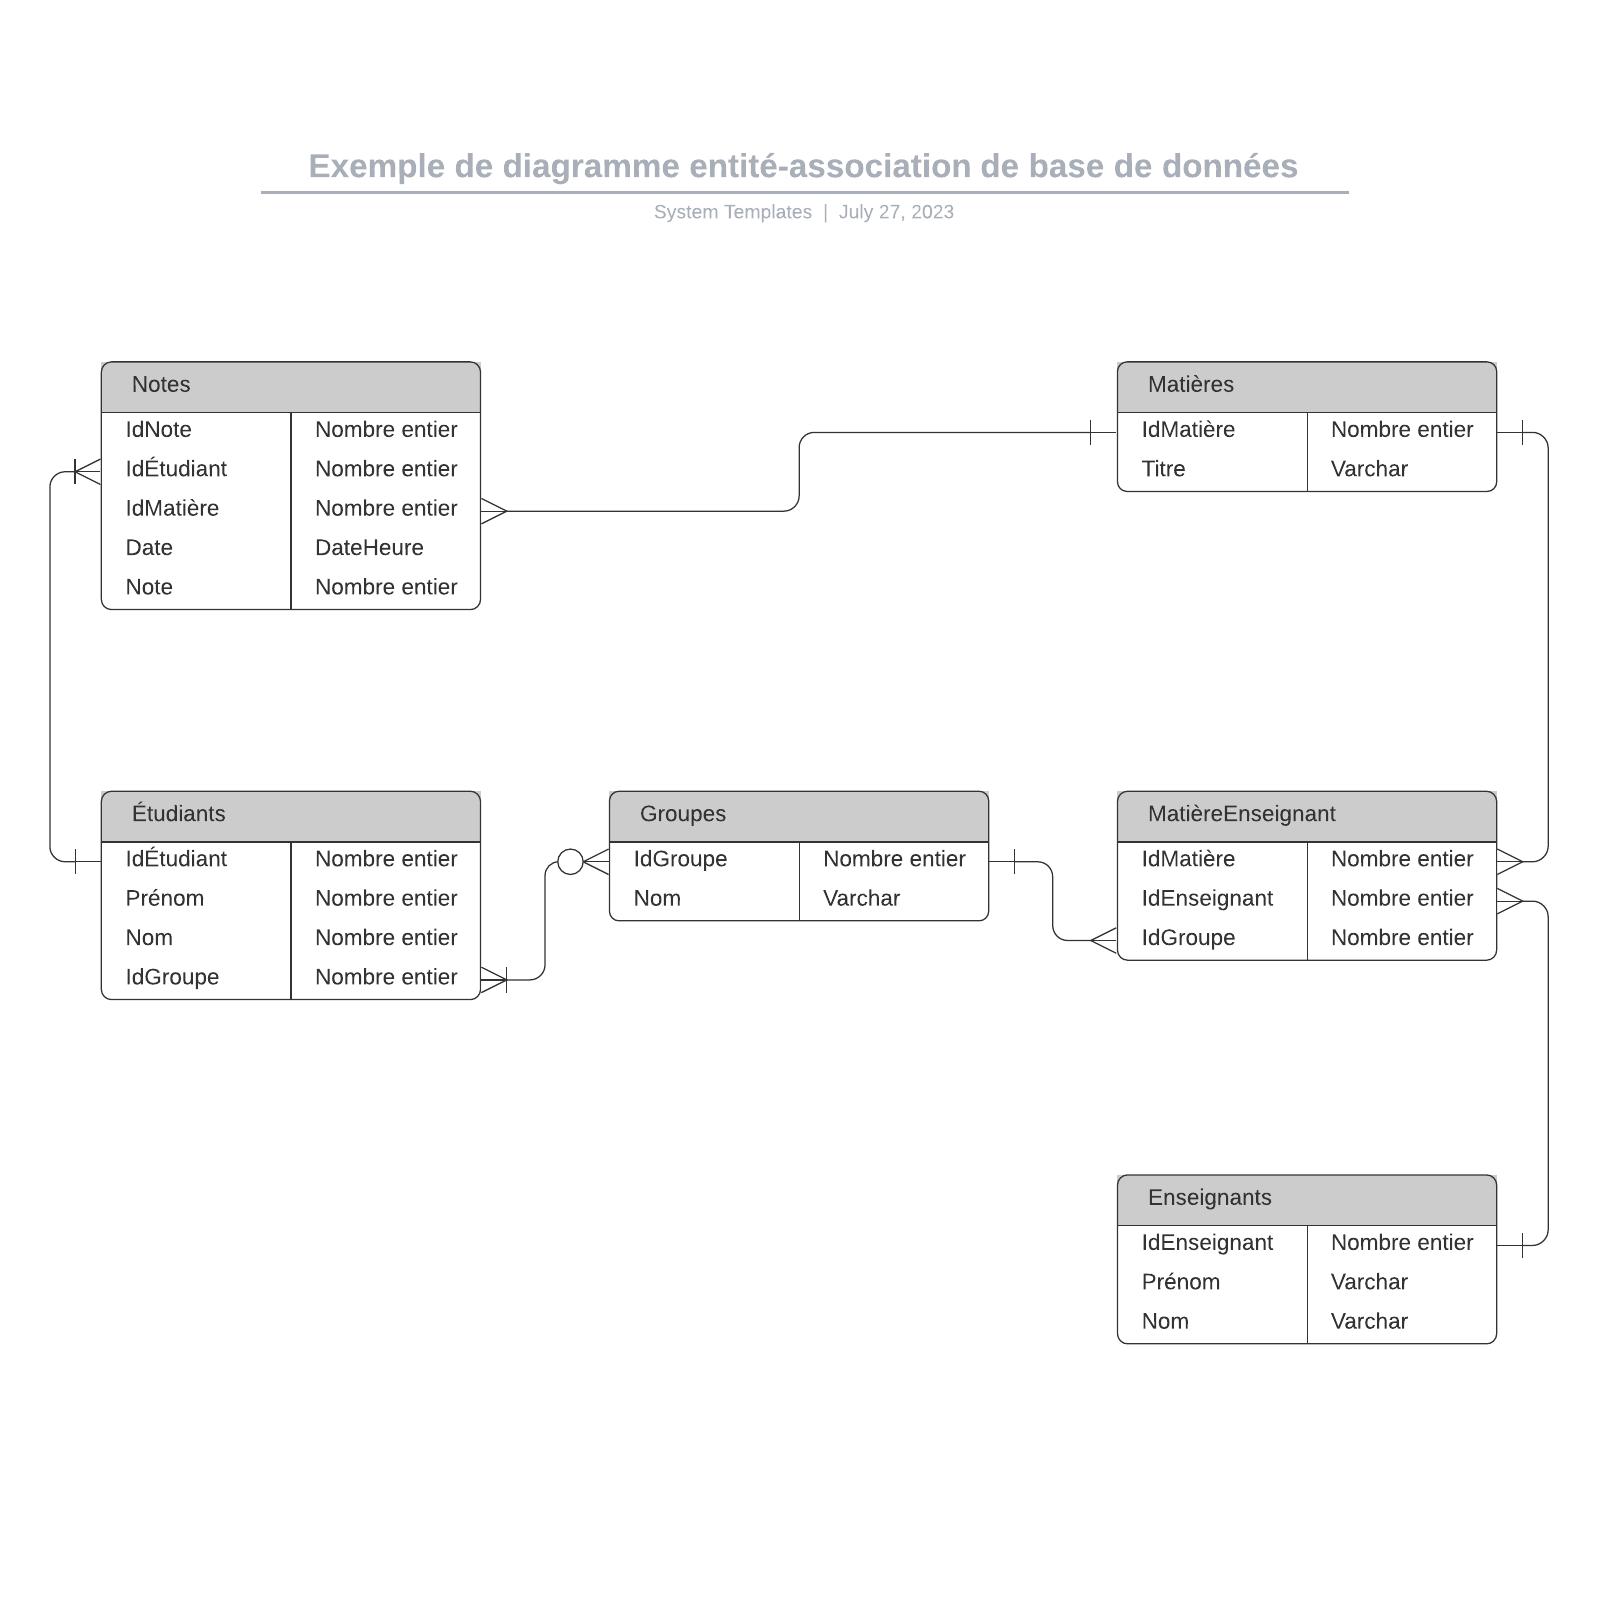 exemple de diagramme EA de base de données